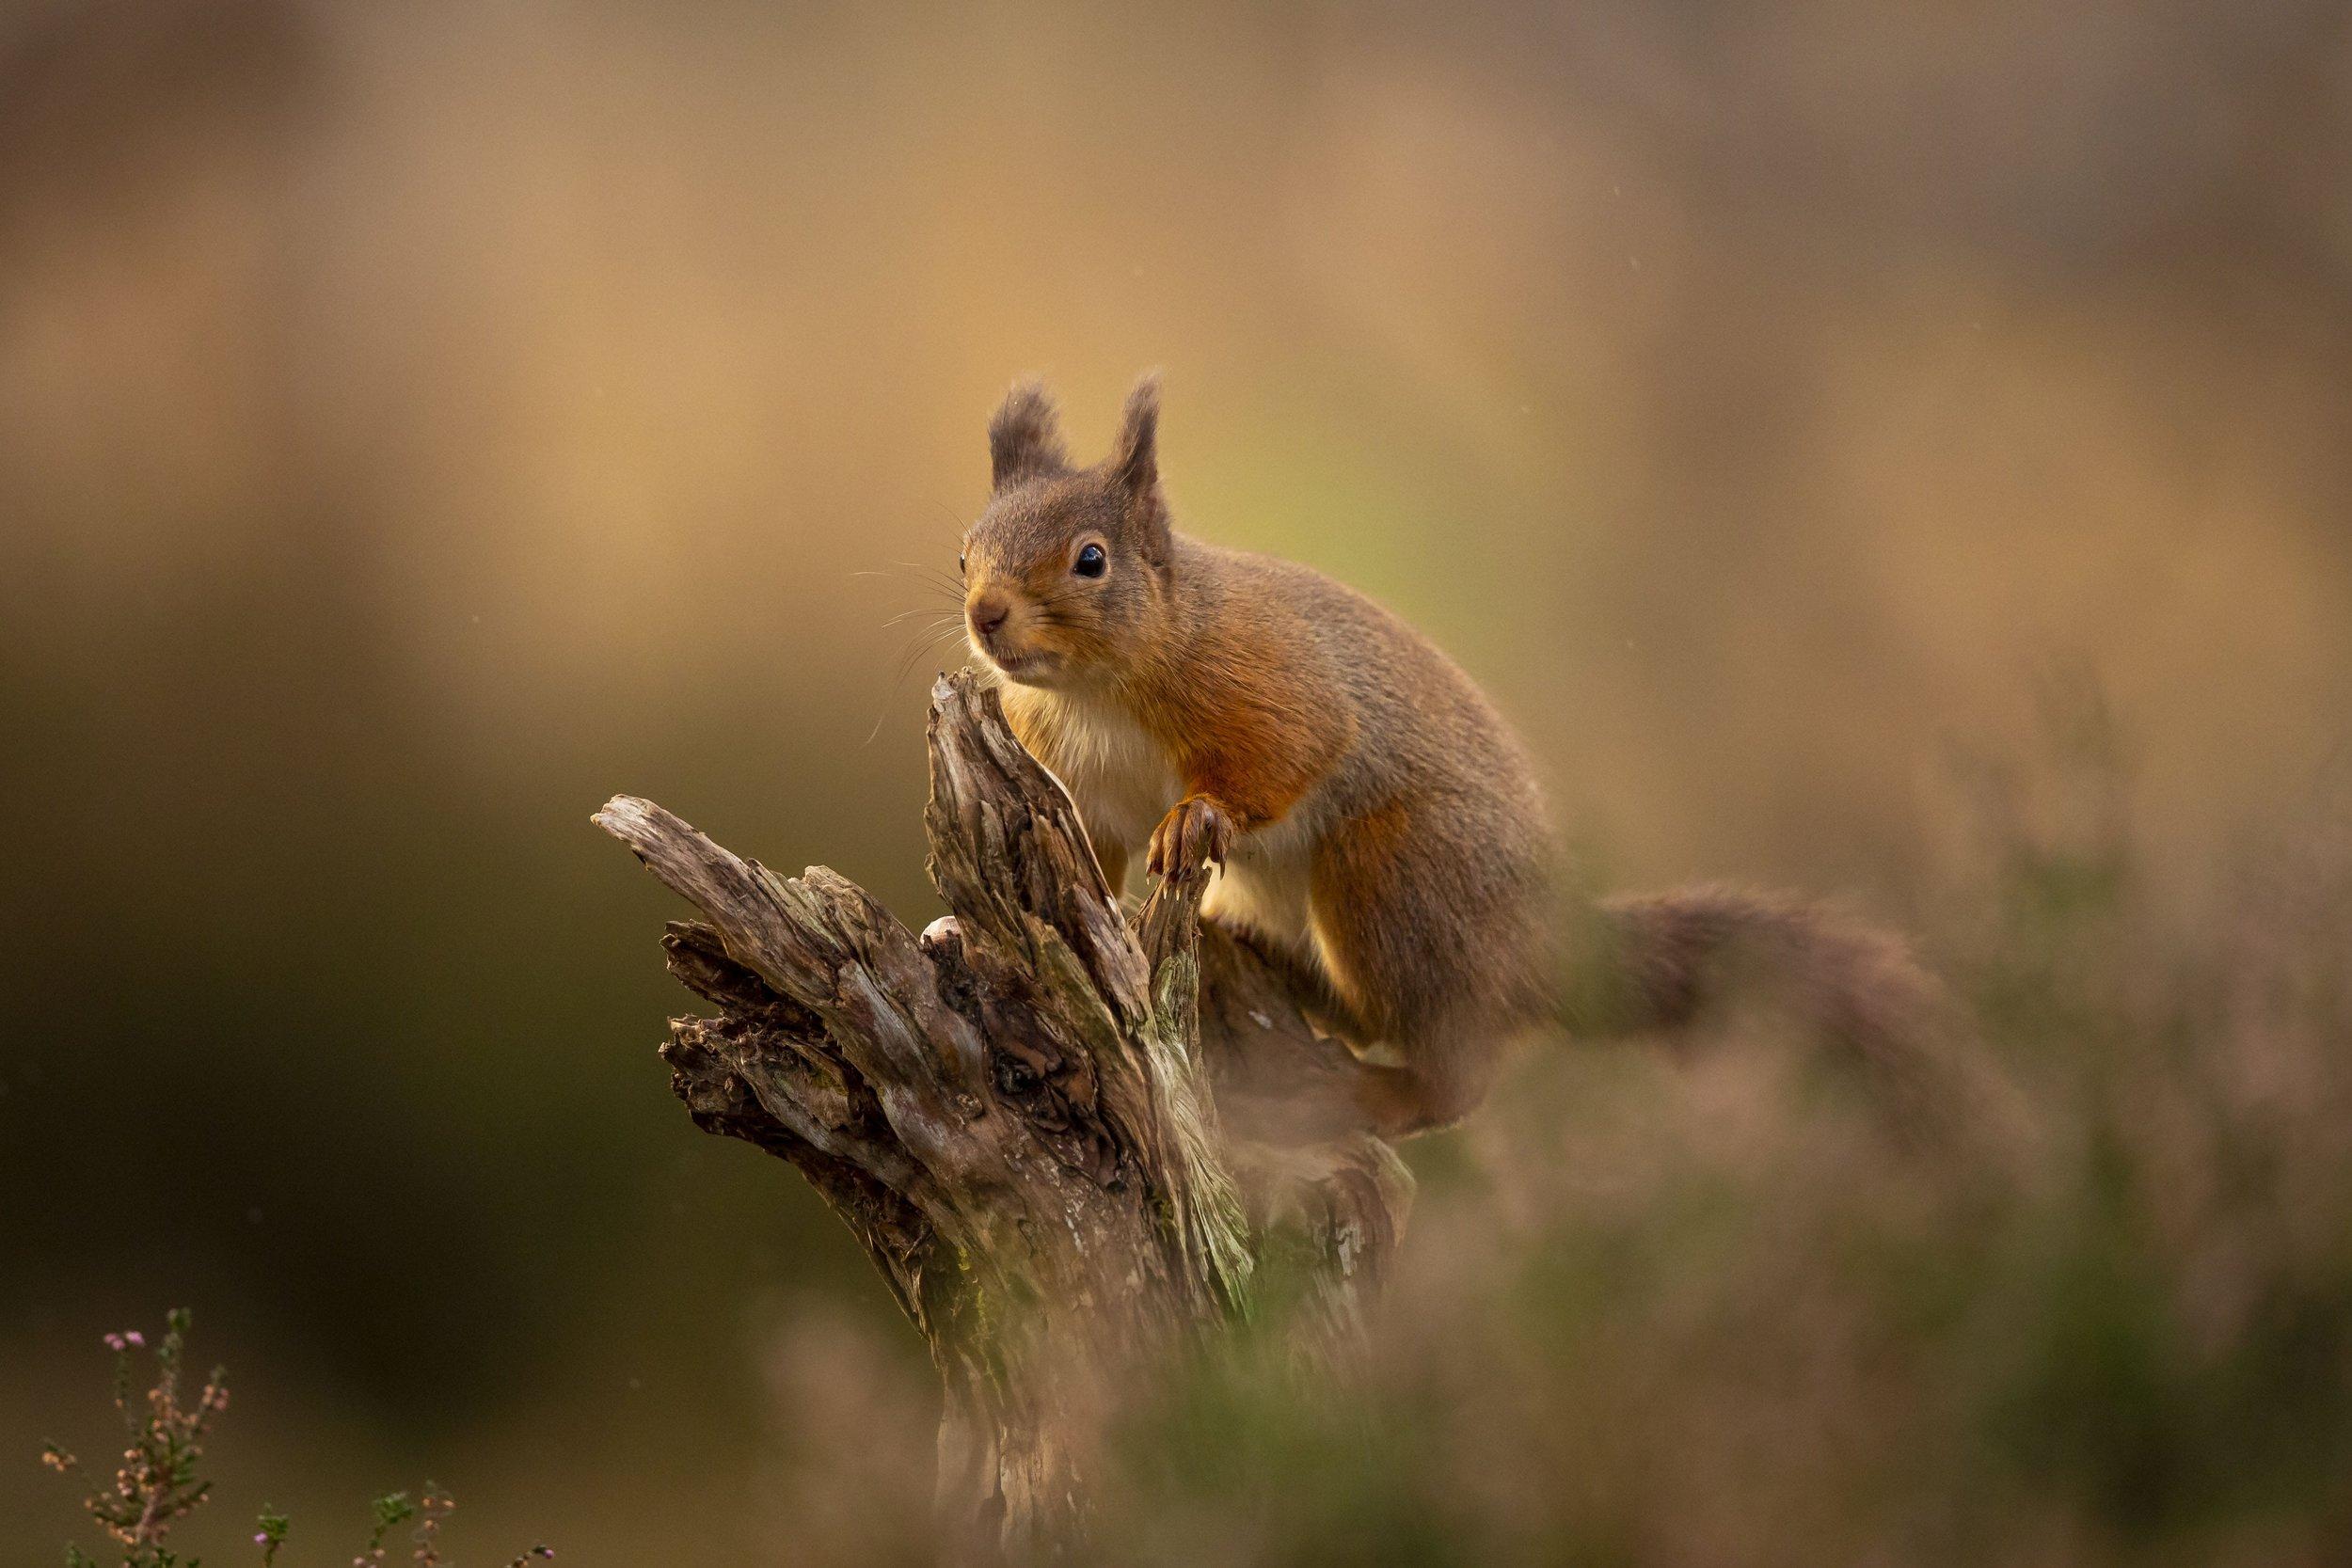 Red Squirrel portrait conservation golden British wildlife reintroduction